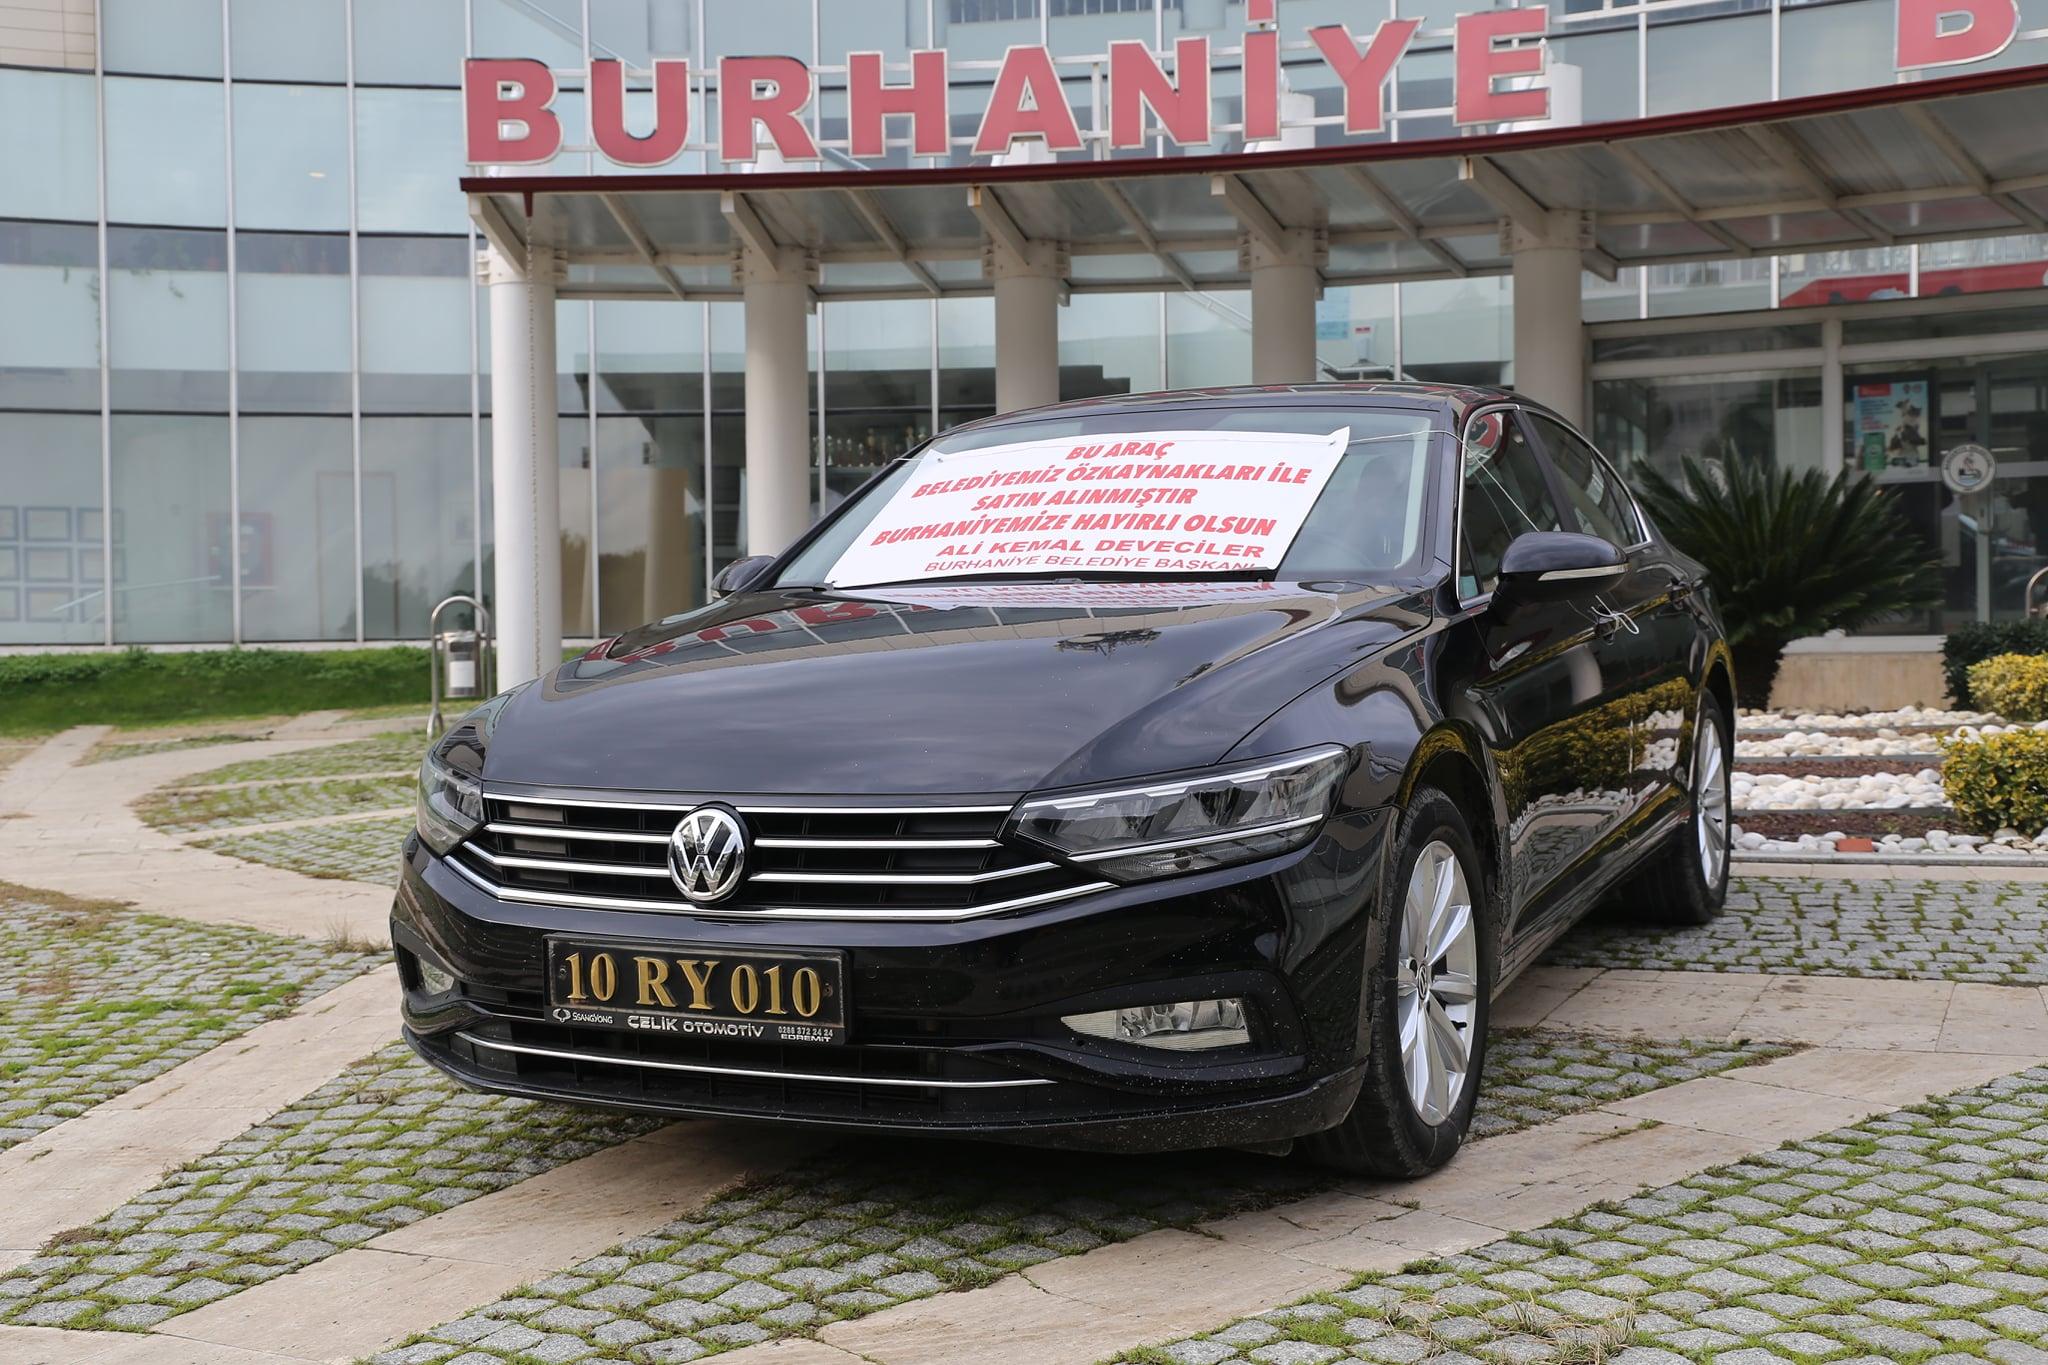 Burhaniye Araç Filosu Yenileniyor